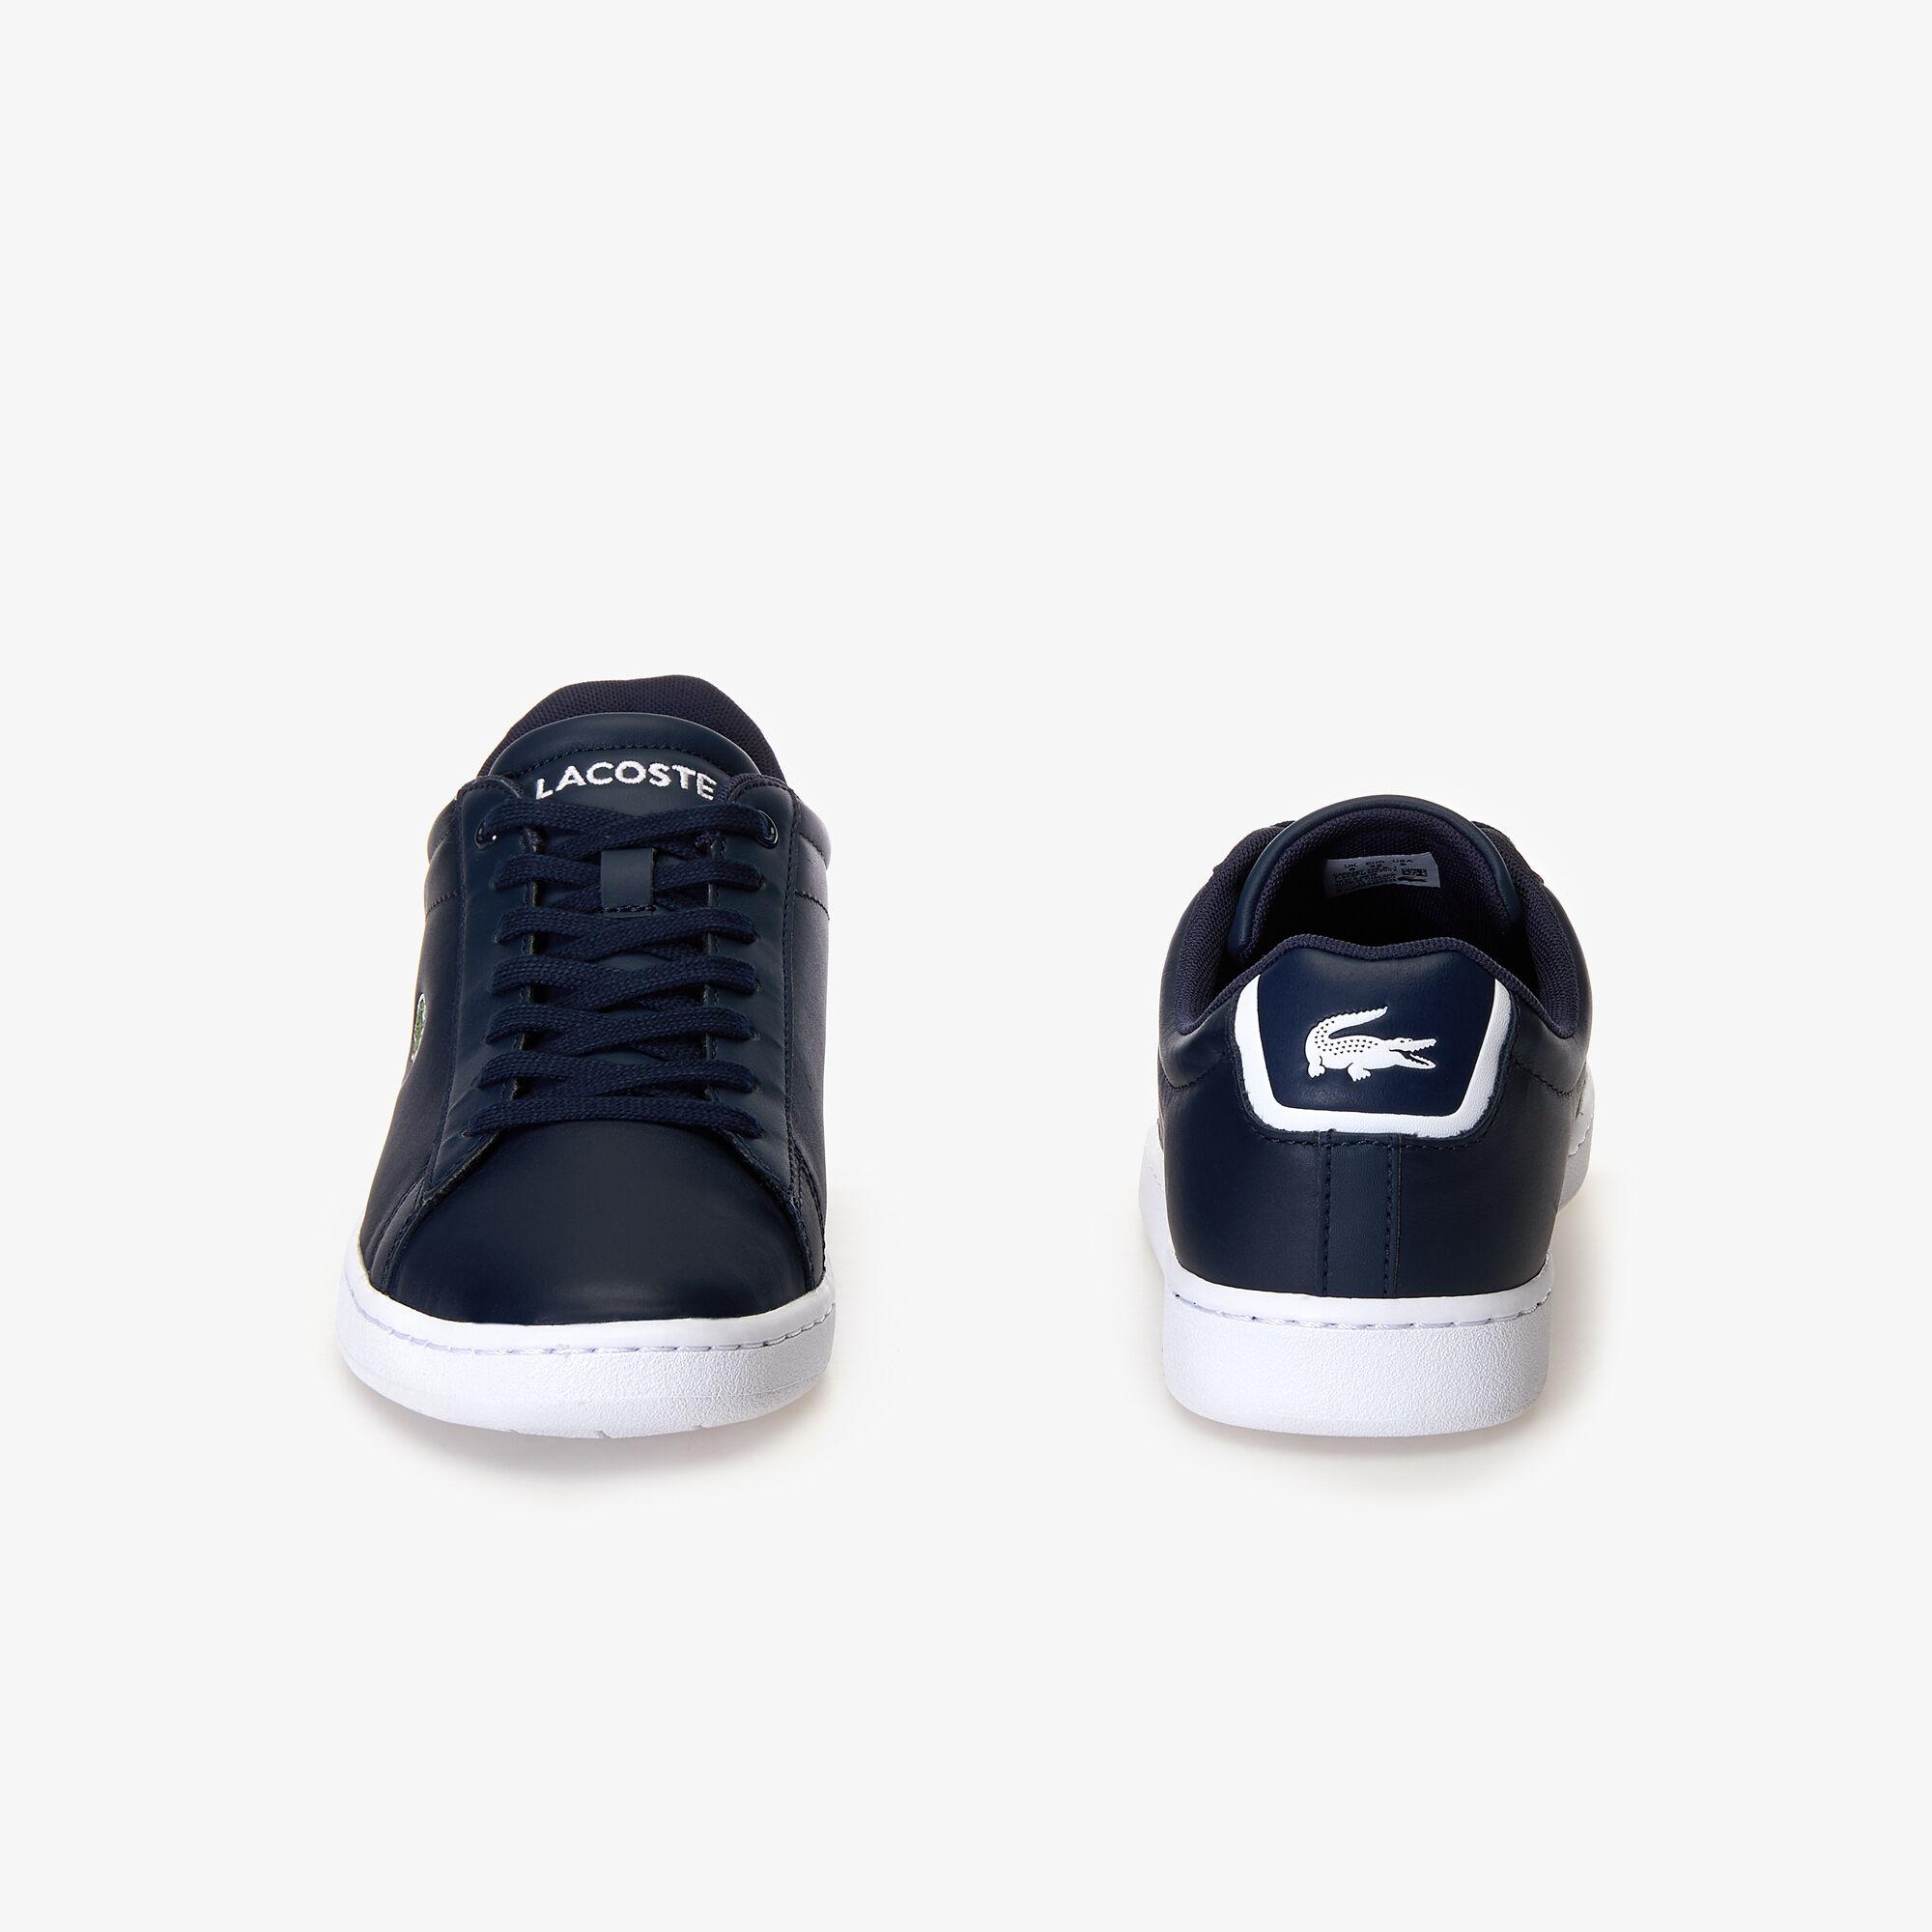 حذاء رياضي من الجلد مجموعة Carnaby Evo للرجال